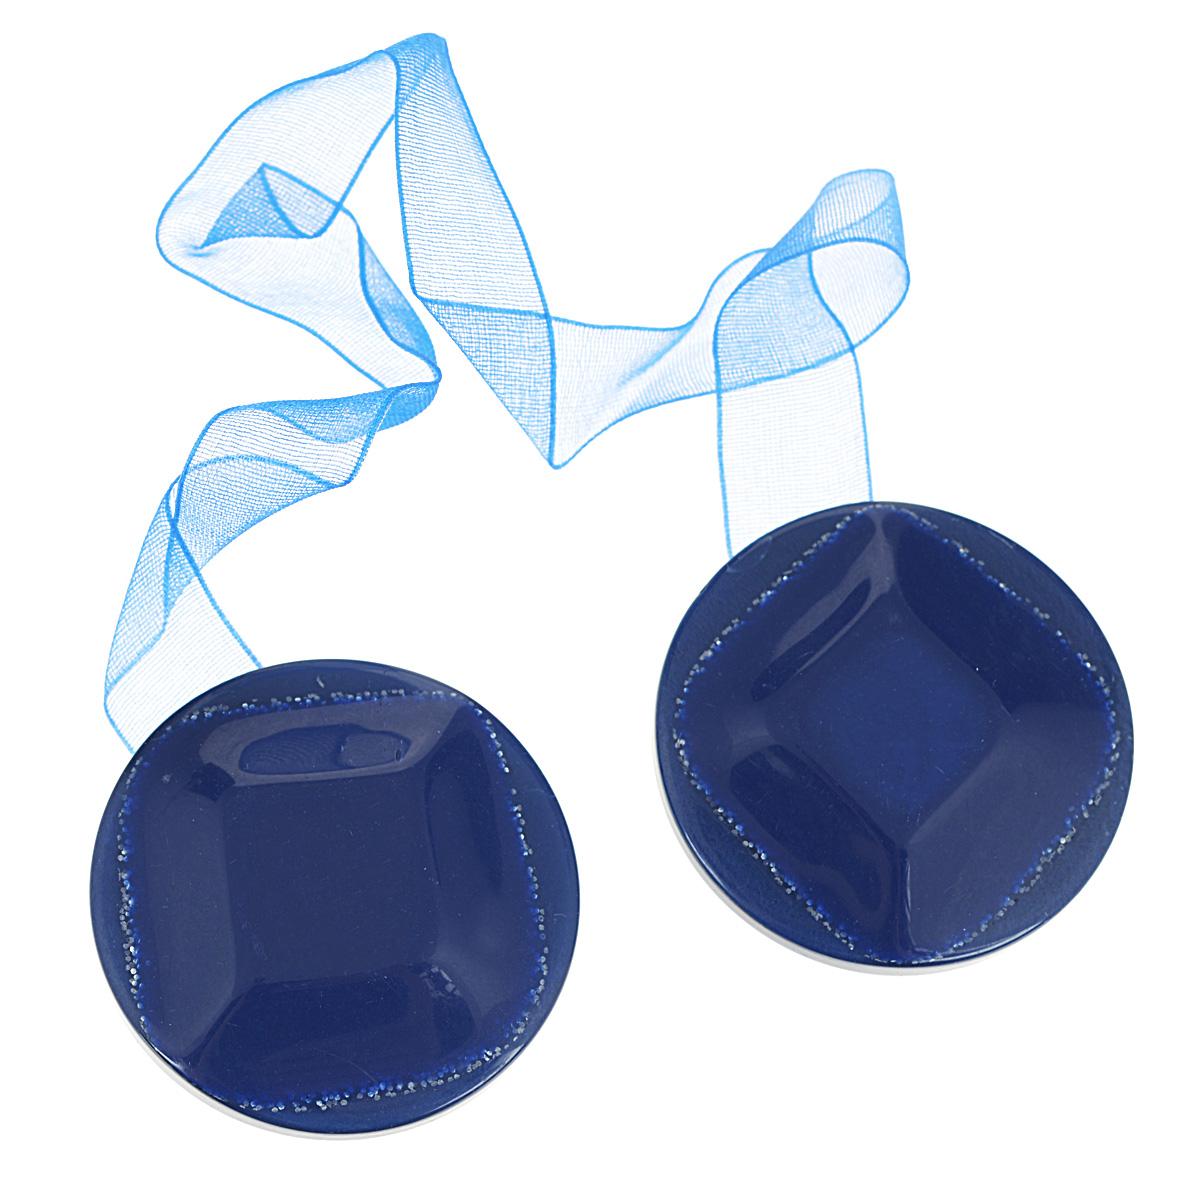 Клипса-магнит для штор Calamita Fiore, цвет: синий. 7704019_7927704019_792Клипса-магнит Calamita Fiore, изготовленная из пластика и текстиля, предназначена для придания формы шторам. Изделие, декорированное блестками, представляет собой два магнита круглой формы, расположенные на разных концах текстильной ленты. С помощью такой магнитной клипсы можно зафиксировать портьеры, придать им требуемое положение, сделать складки симметричными или приблизить портьеры, скрепить их. Клипсы для штор являются универсальным изделием, которое превосходно подойдет как для штор в детской комнате, так и для штор в гостиной. Следует отметить, что клипсы для штор выполняют не только практическую функцию, но также являются одной из основных деталей декора этого изделия, которая придает шторам восхитительный, стильный внешний вид. Материал: пластик, магнит, полиэстер. Диаметр клипсы: 4 см. Длина ленты: 28 см.